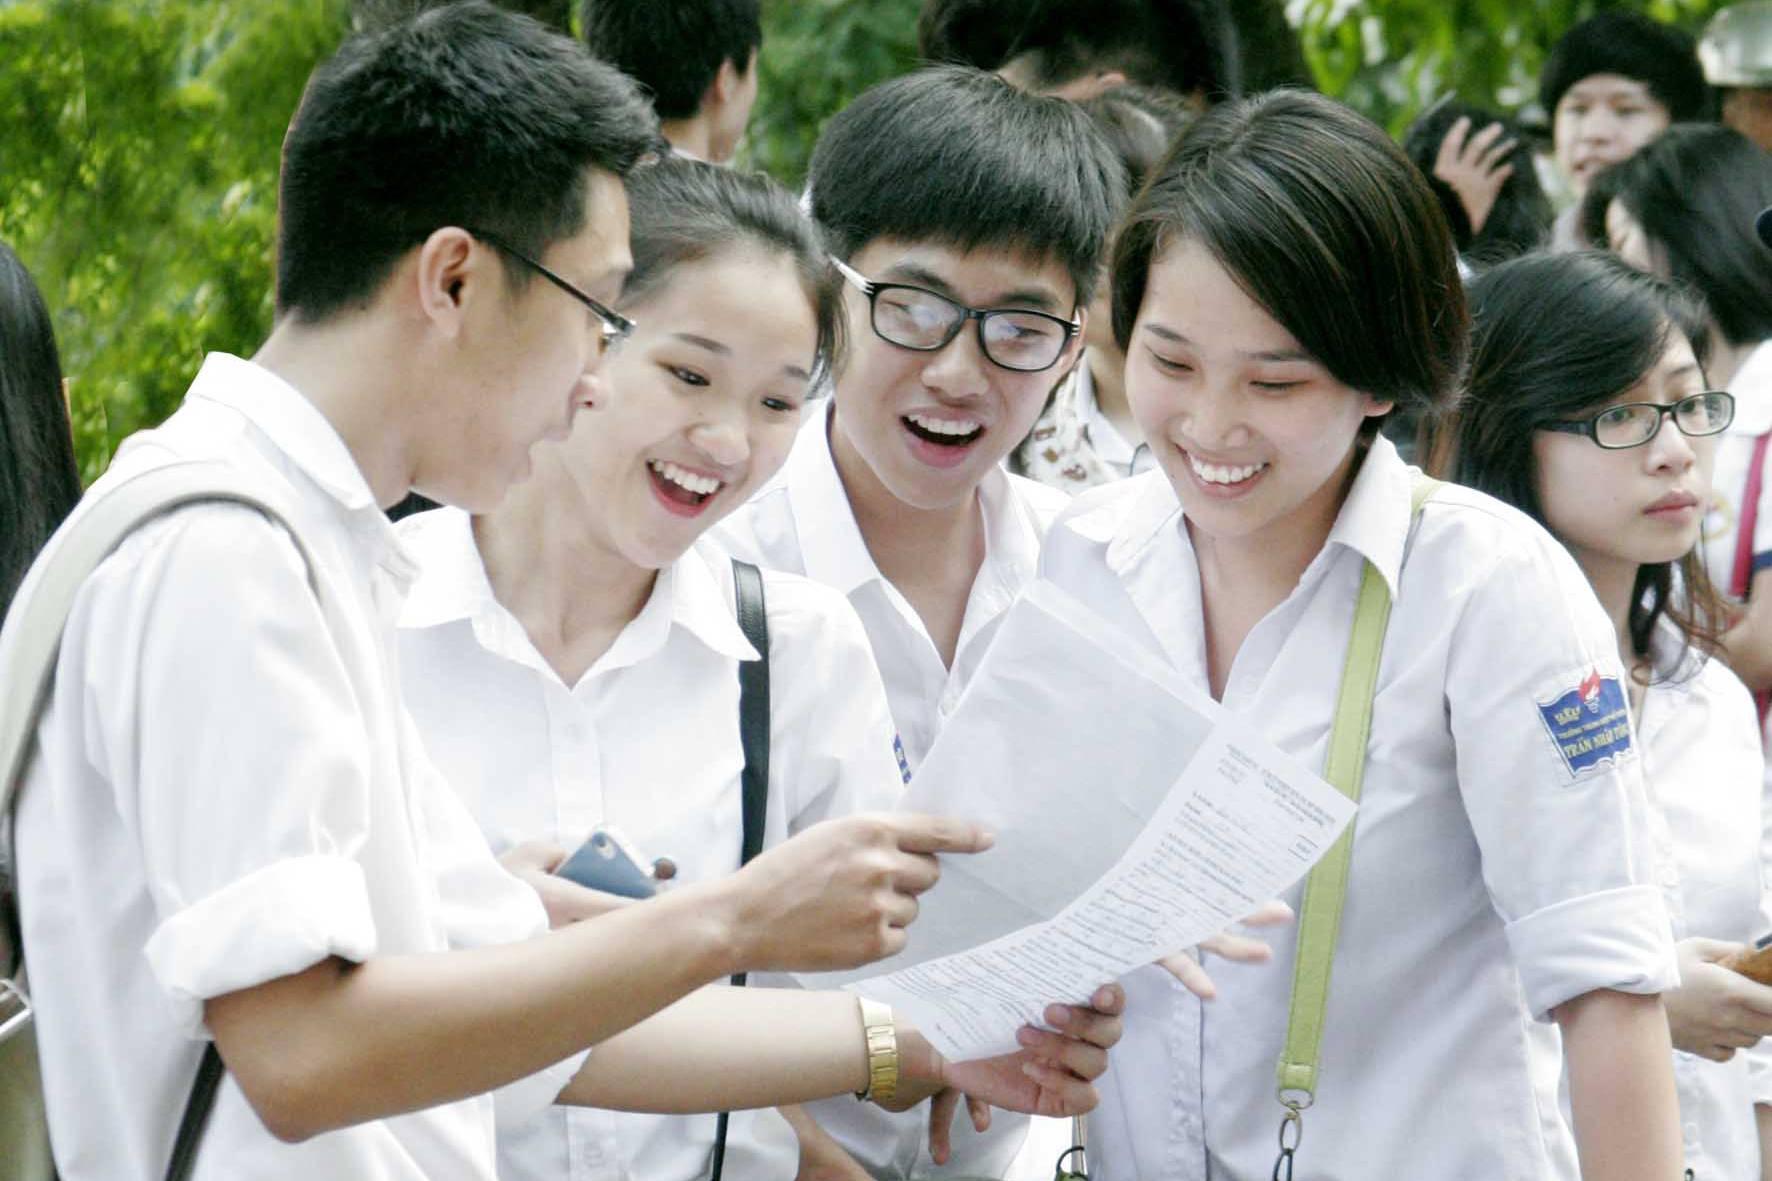 Thời gian tuyển sinh đại học sẽ thay đổi thế nào trong năm 2020?